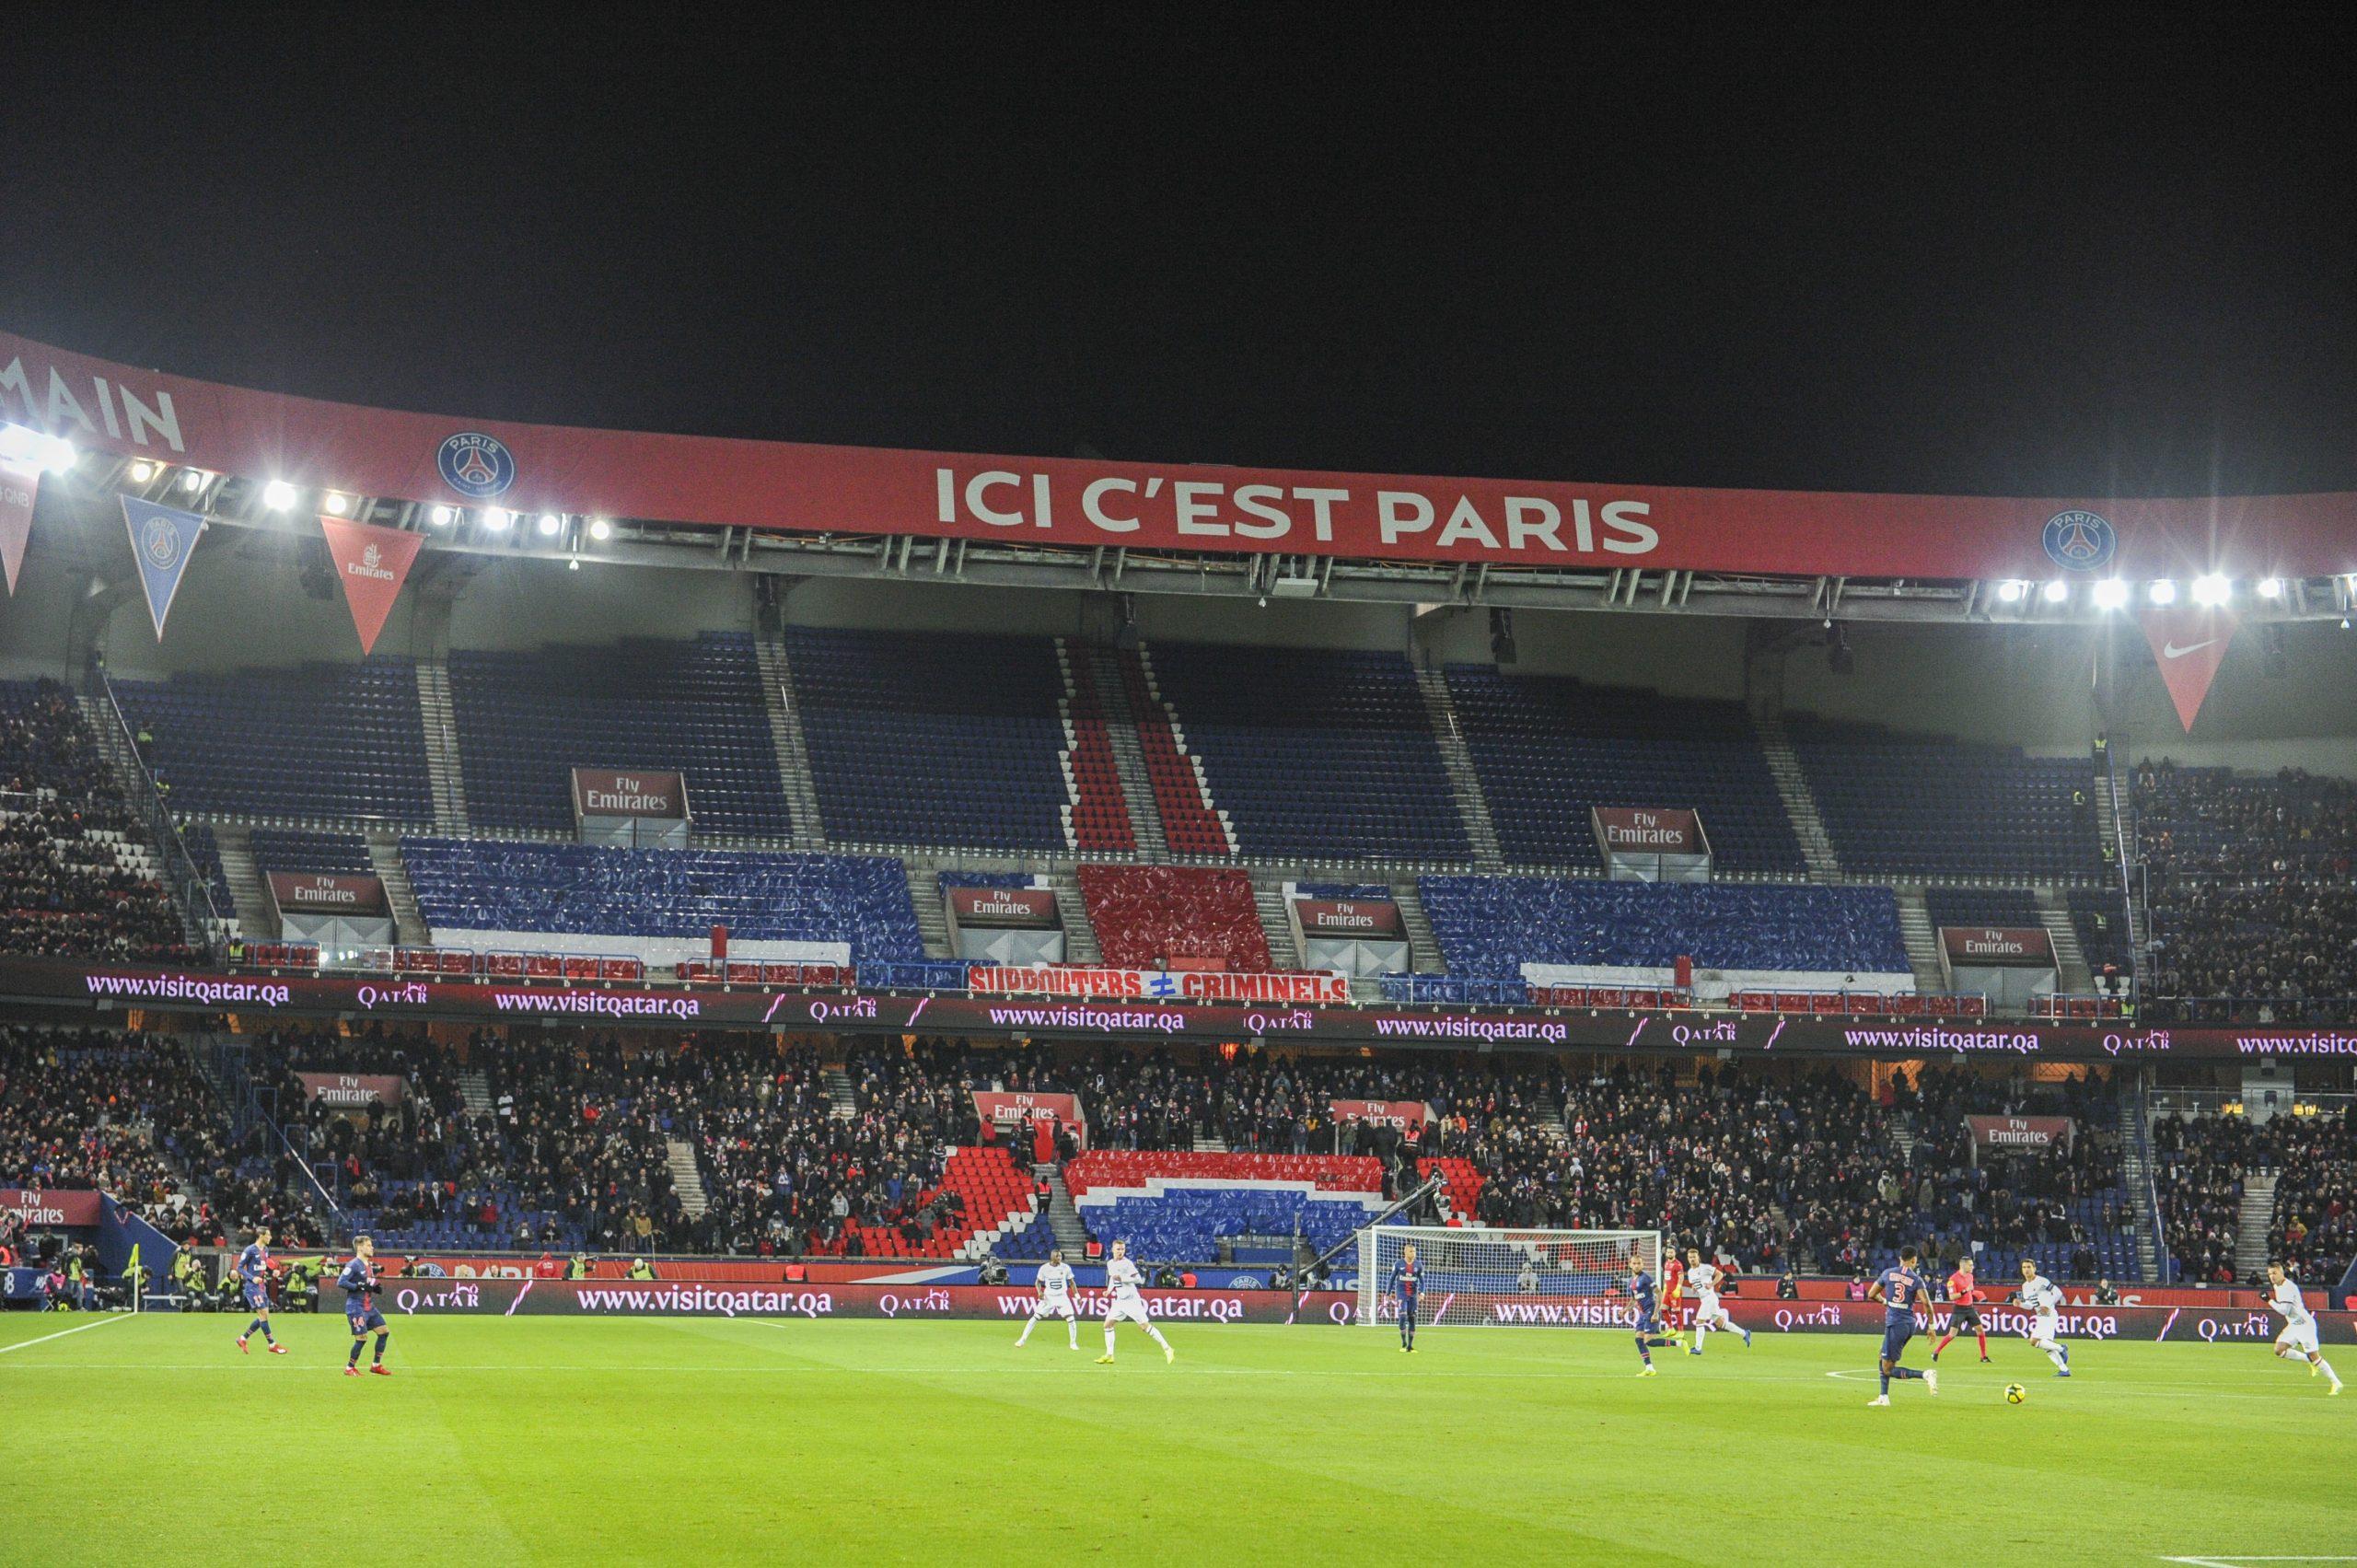 PSG/Angers - Un Parc des Princes limité à 1 000 supporters, indique France Bleu Paris